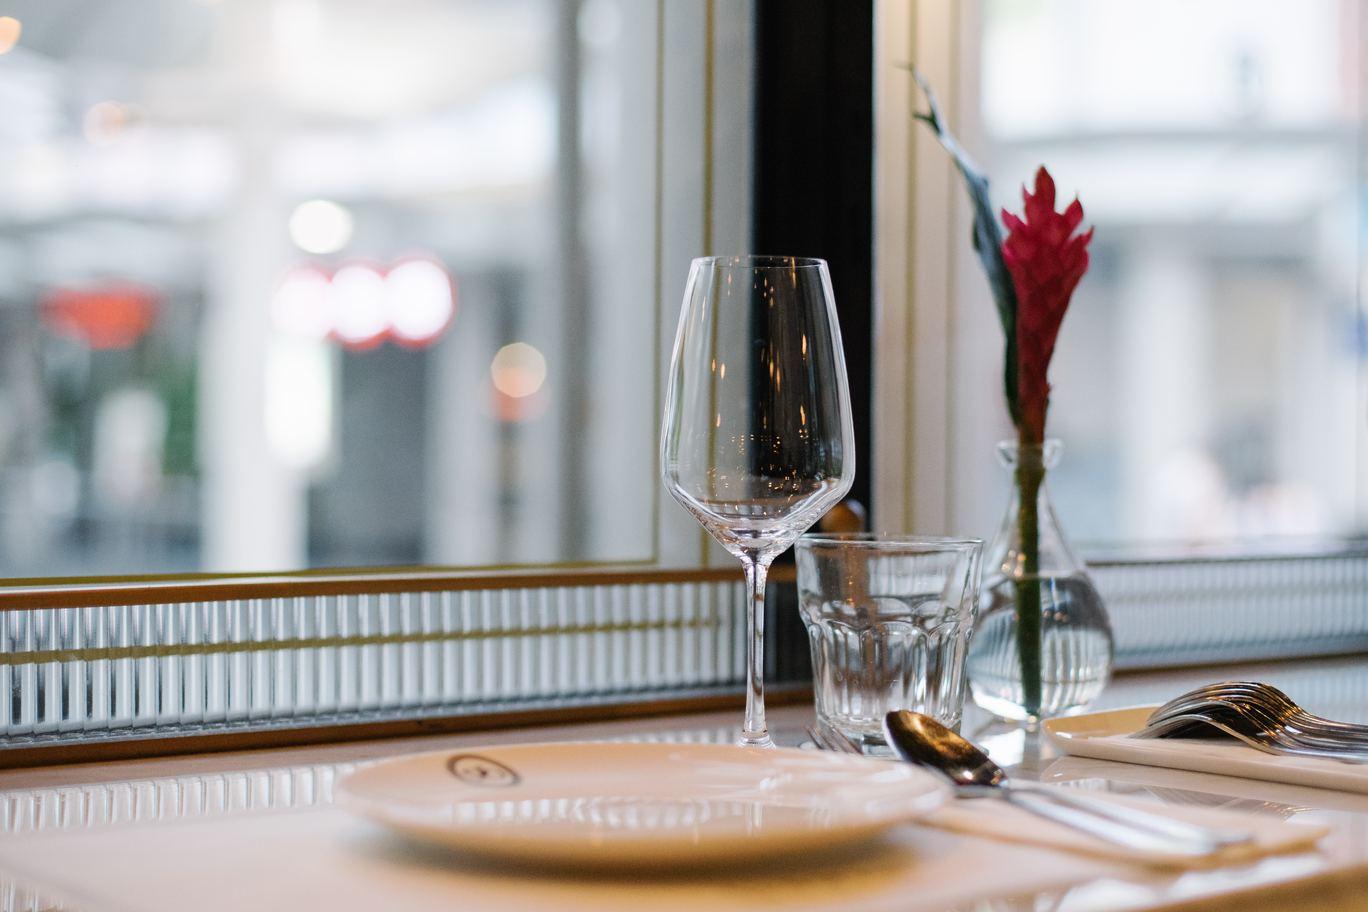 Τί να φάω στο εστιατόριο εάν κάνω δίαιτα;-featured_image